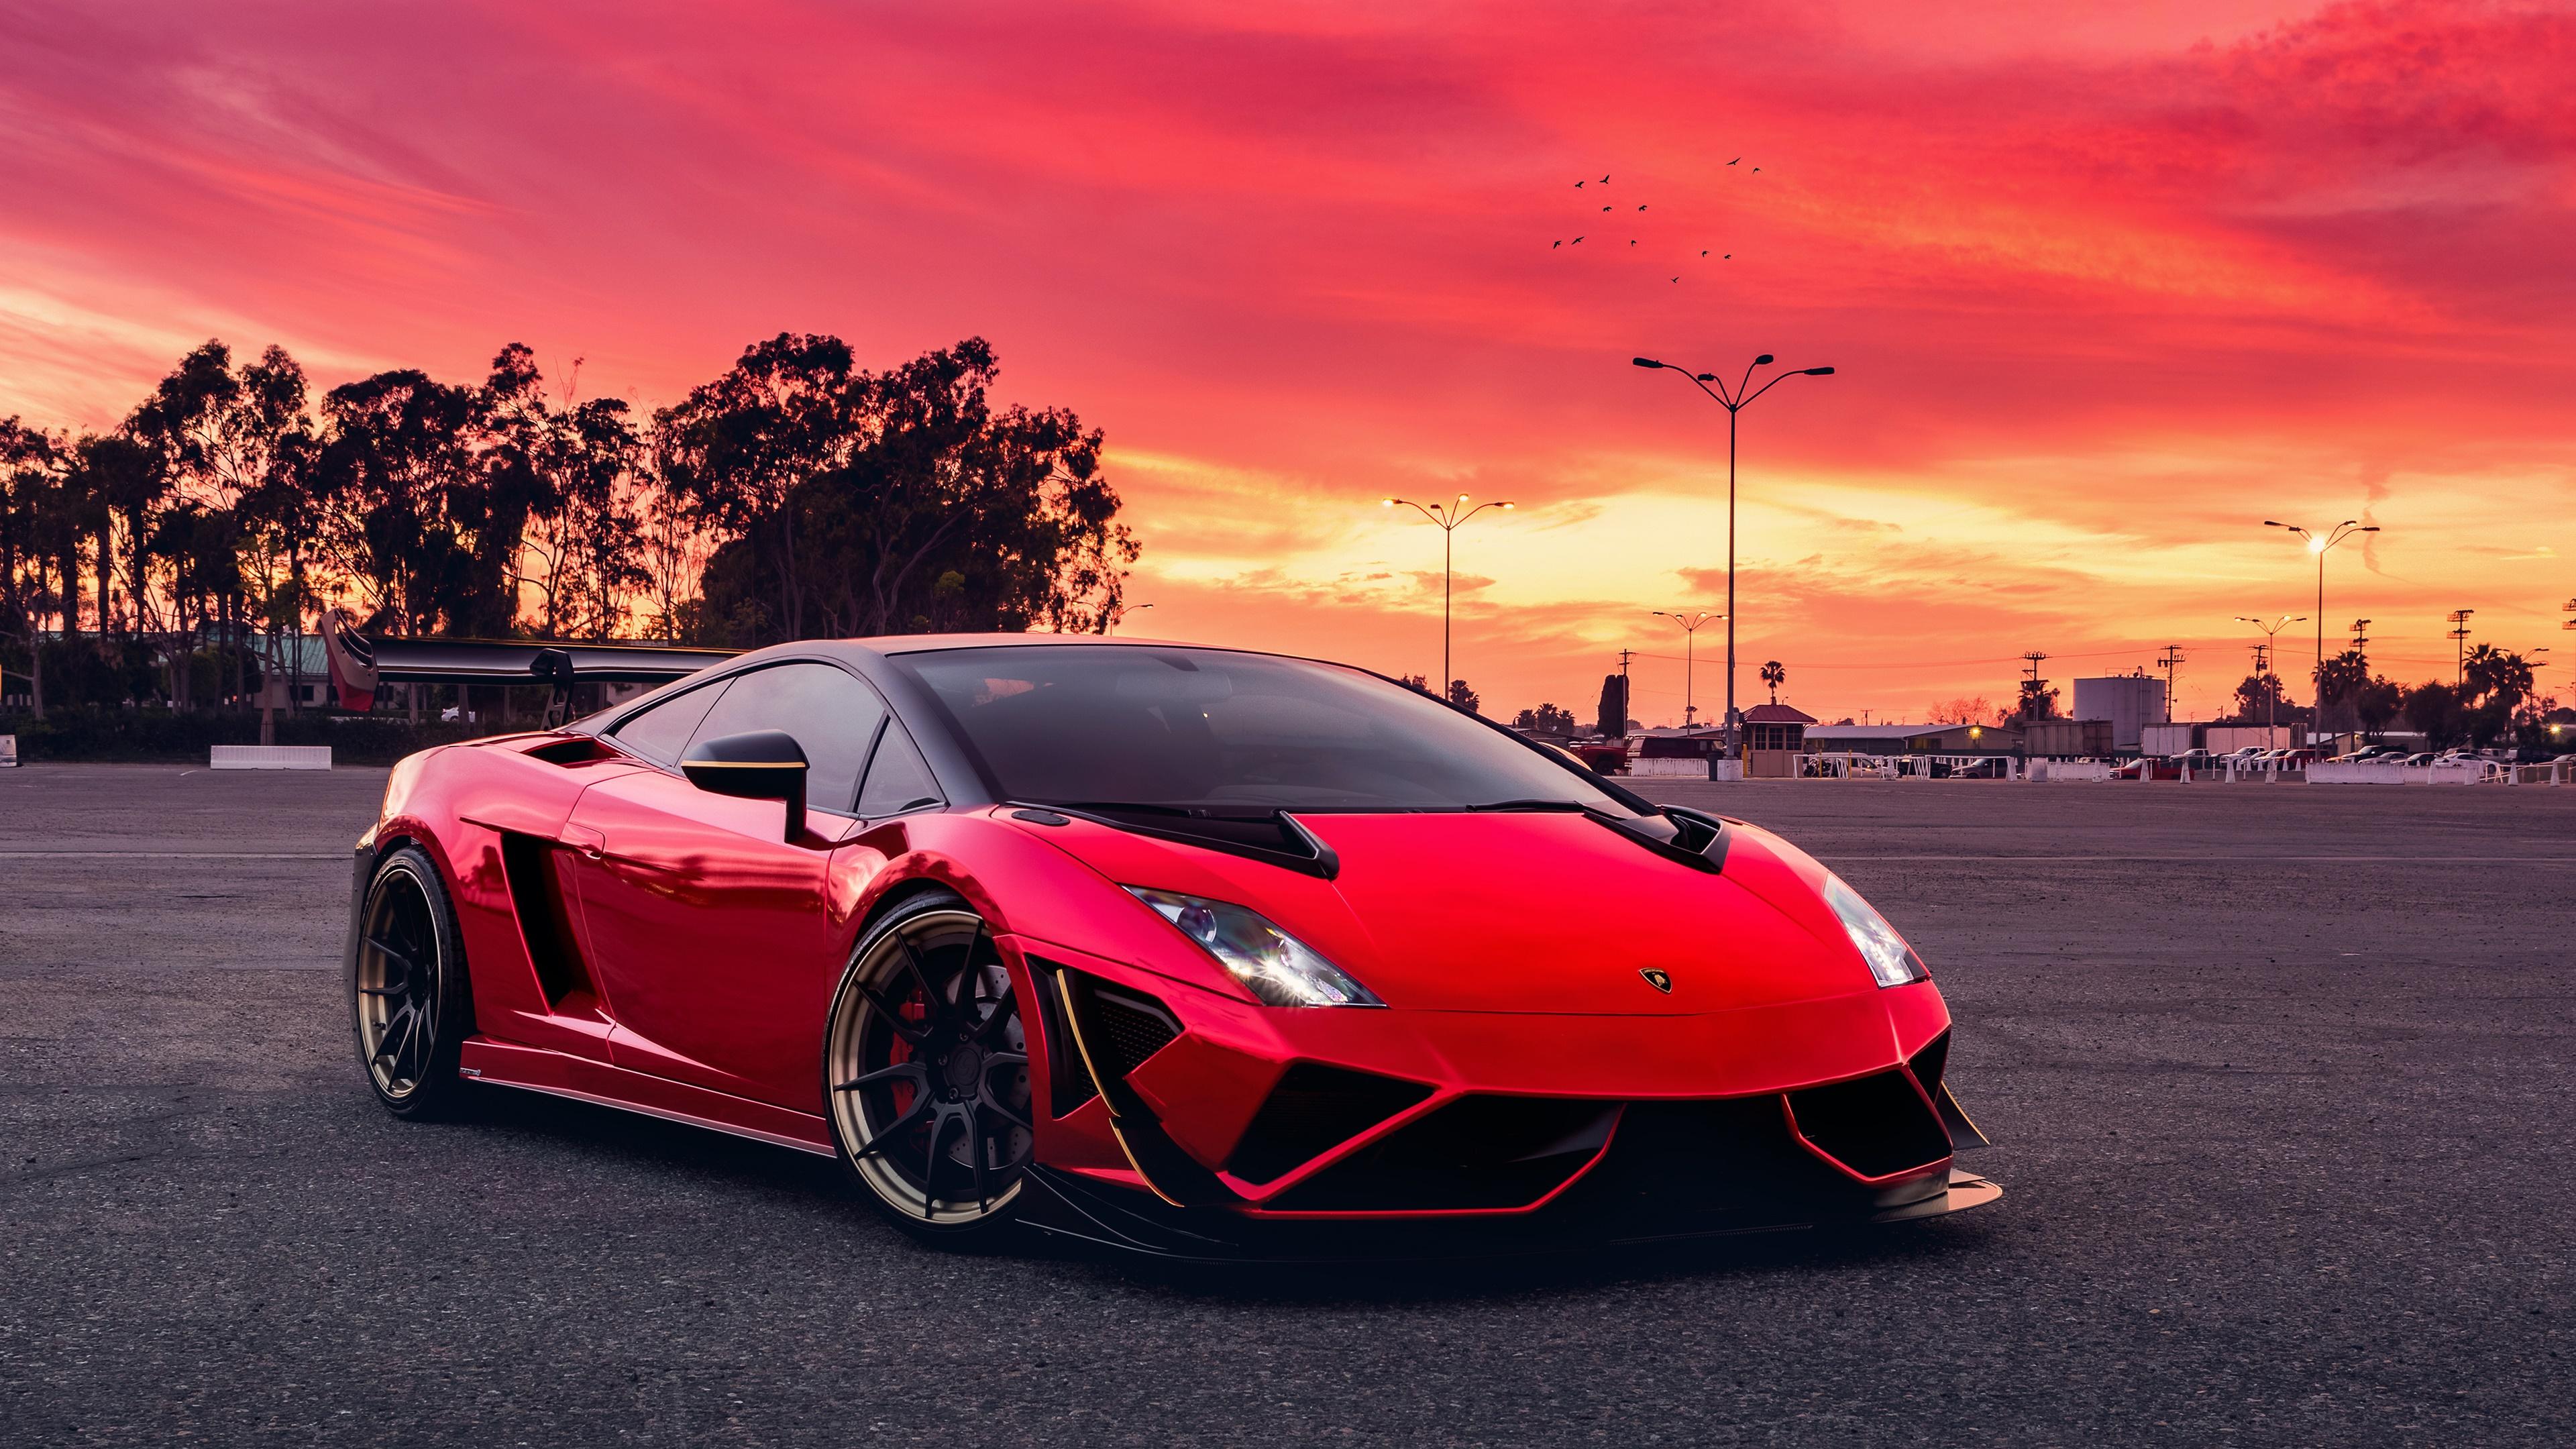 Wallpaper Car Lamborghini Gallardo Supercars Sunset Red Cars